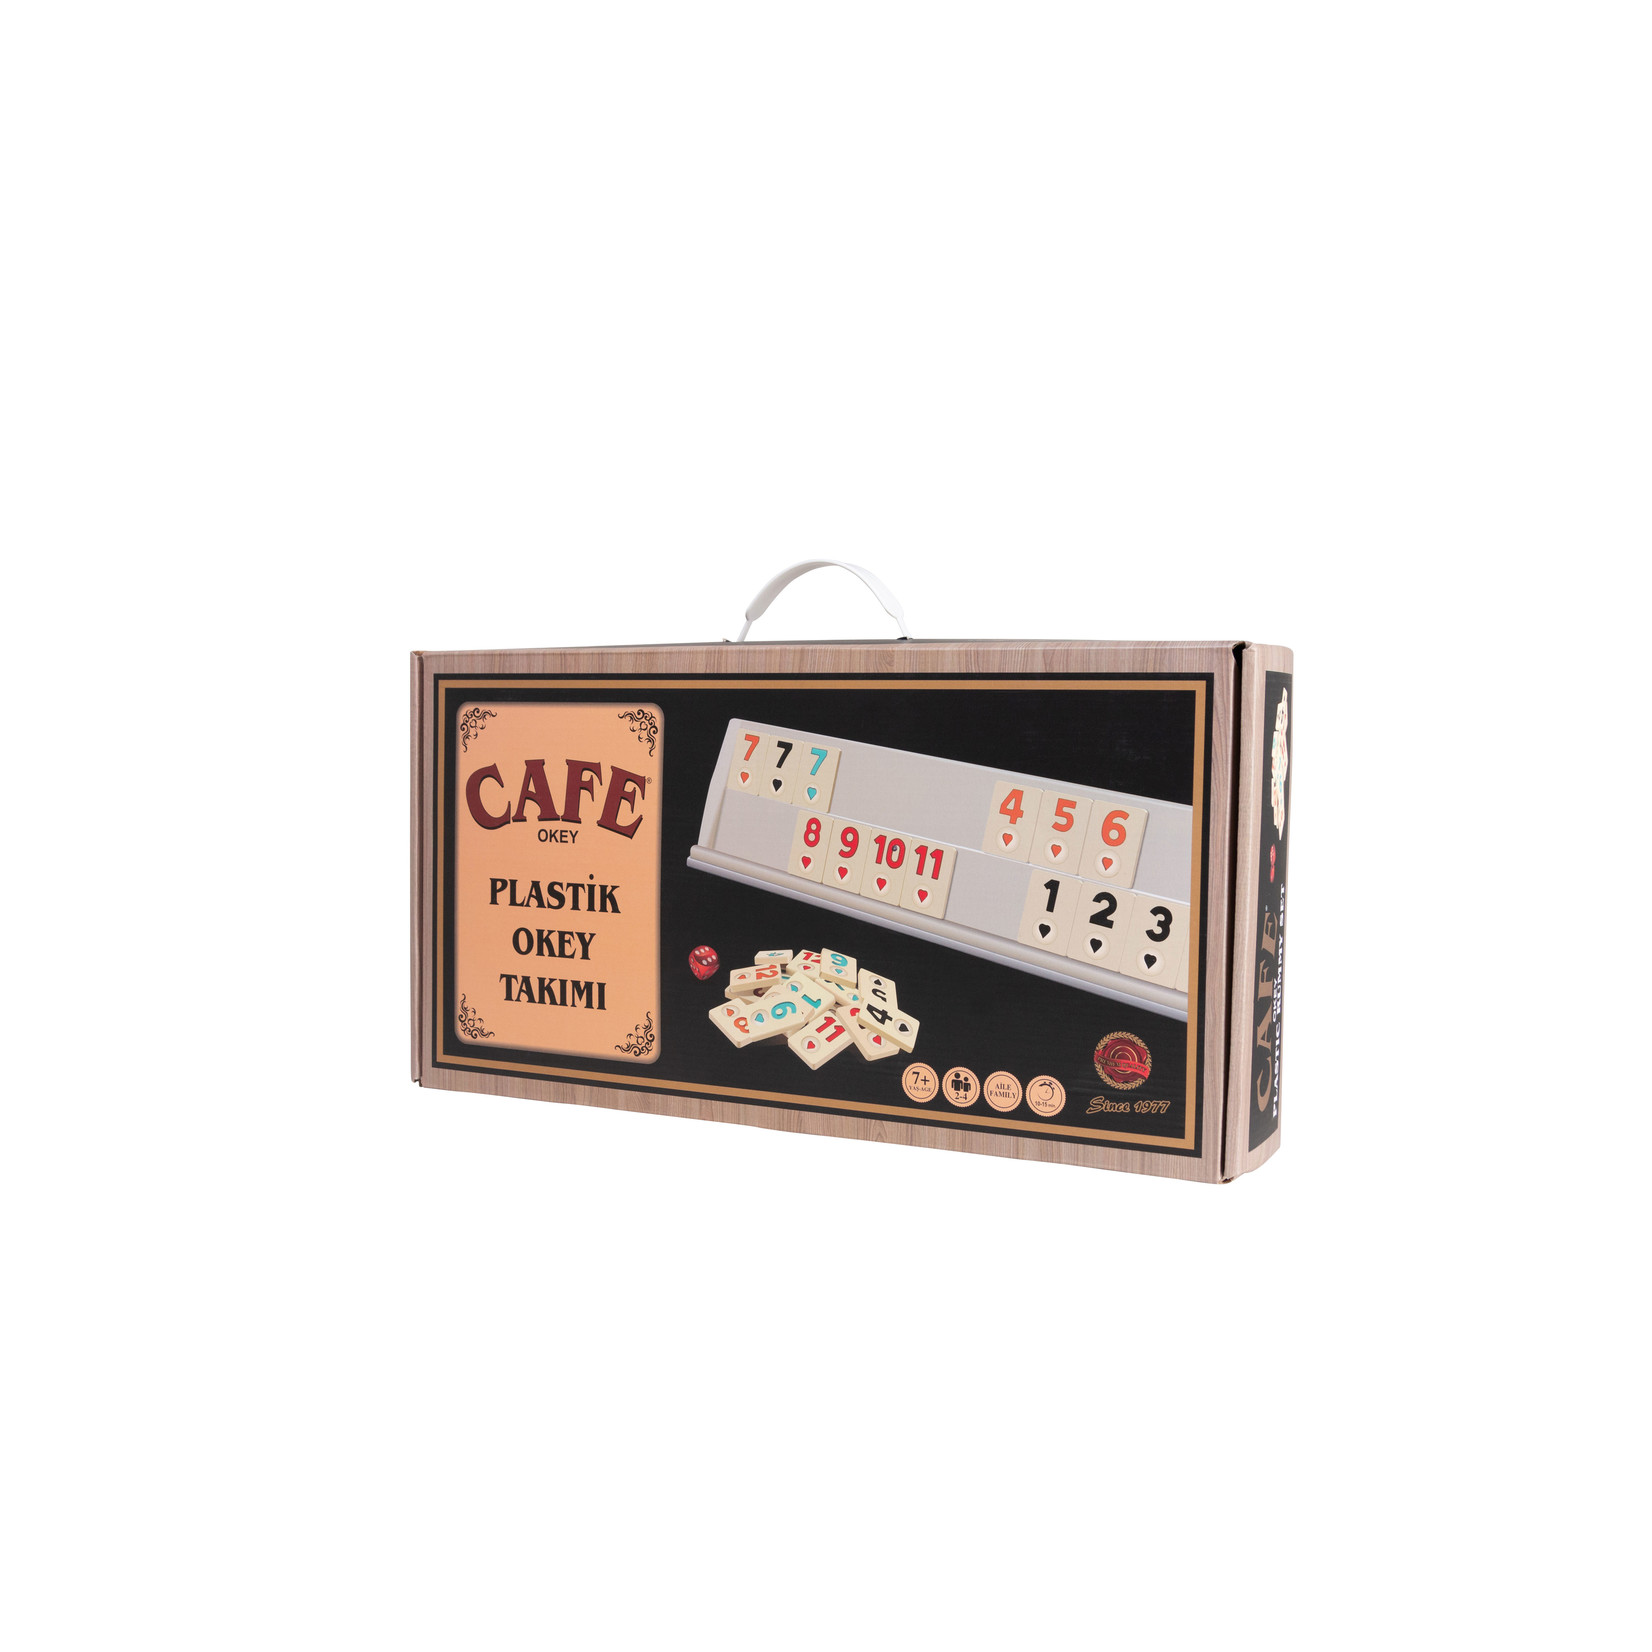 Cafe - Kunststof